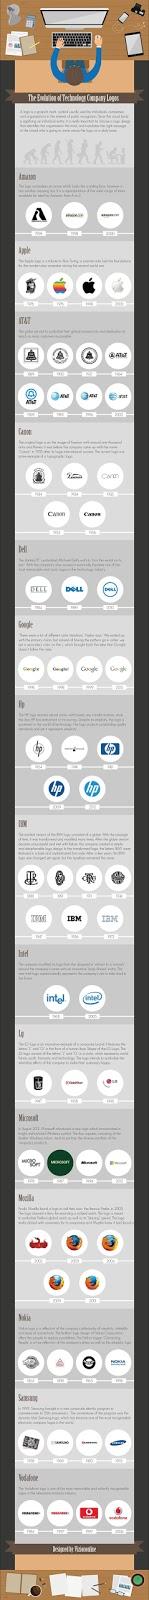 evolucion d elogotipos de las marcas más importantes